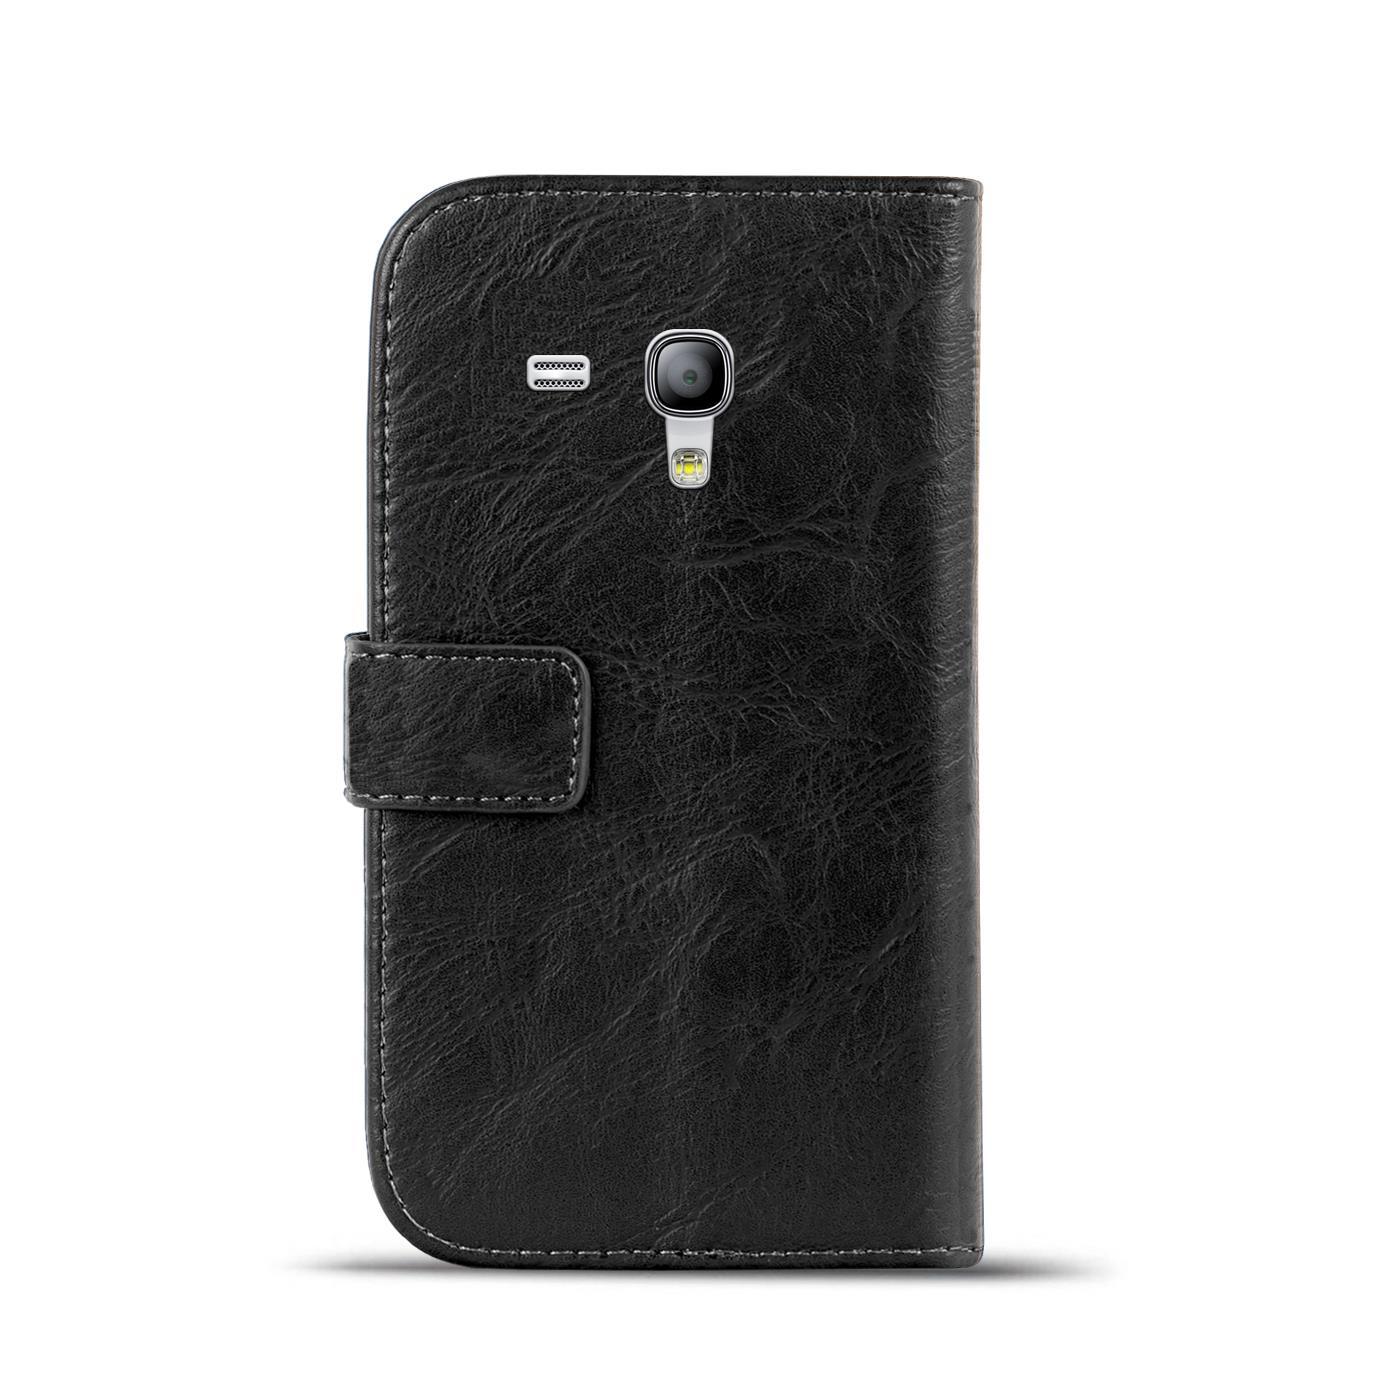 Klapphuelle-Samsung-Galaxy-S3-Mini-Huelle-Schutzhuelle-Wallet-Cover-Flip-Case Indexbild 25